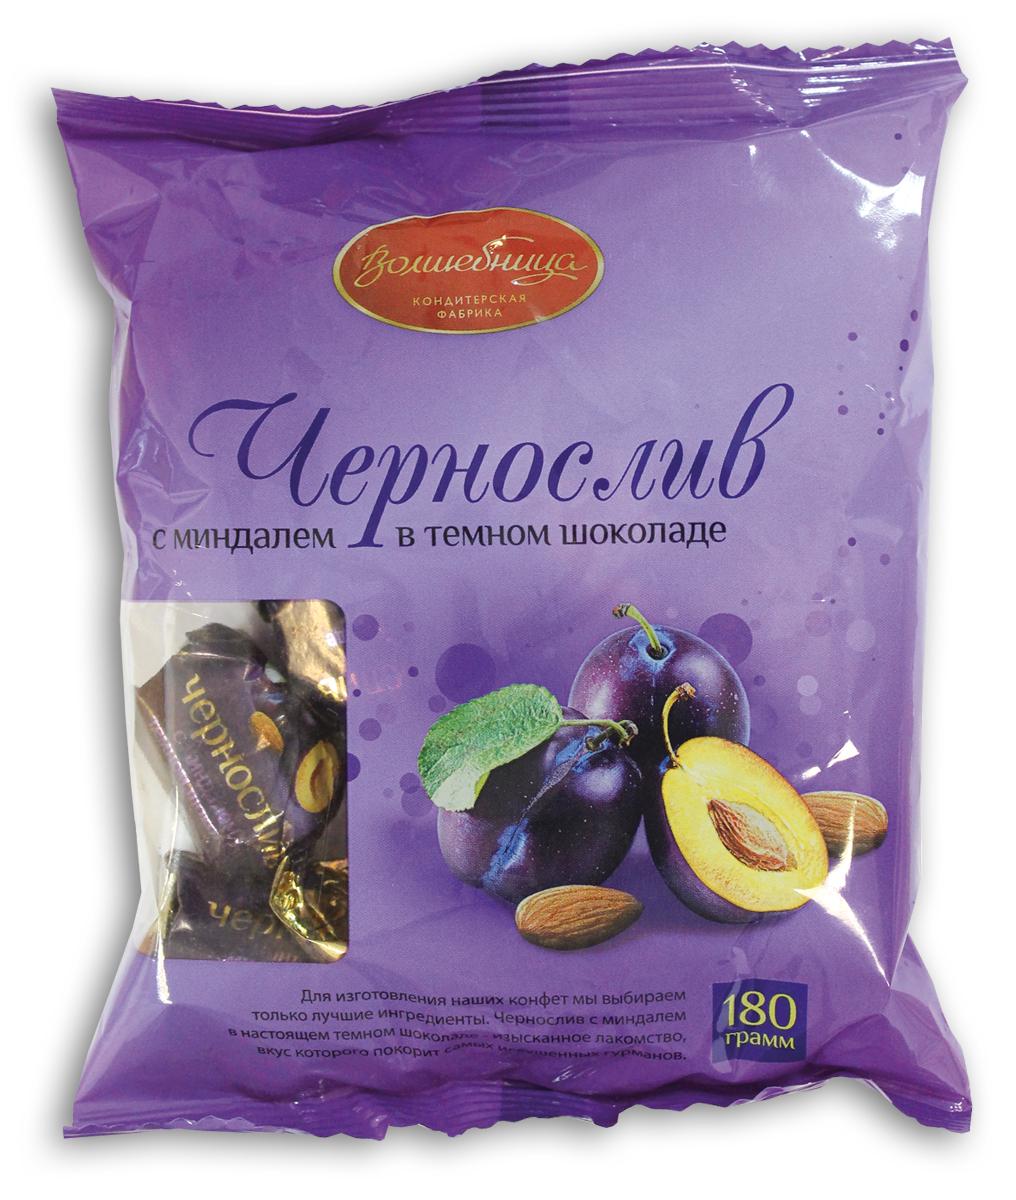 Волшебница конфеты чернослив с миндалем в шоколаде, 180 г1.5083Эксклюзивный продукт премиального качества без компромиссов. Полностью безопасный, органический состав. Исключительно природные компоненты без добавления сахаров и дополнительных обработок. Цельный Орех+Цельный Чернослив+100% темный шоколад. Попробуйте и убедитесь сами! Достойно вашего внимания.